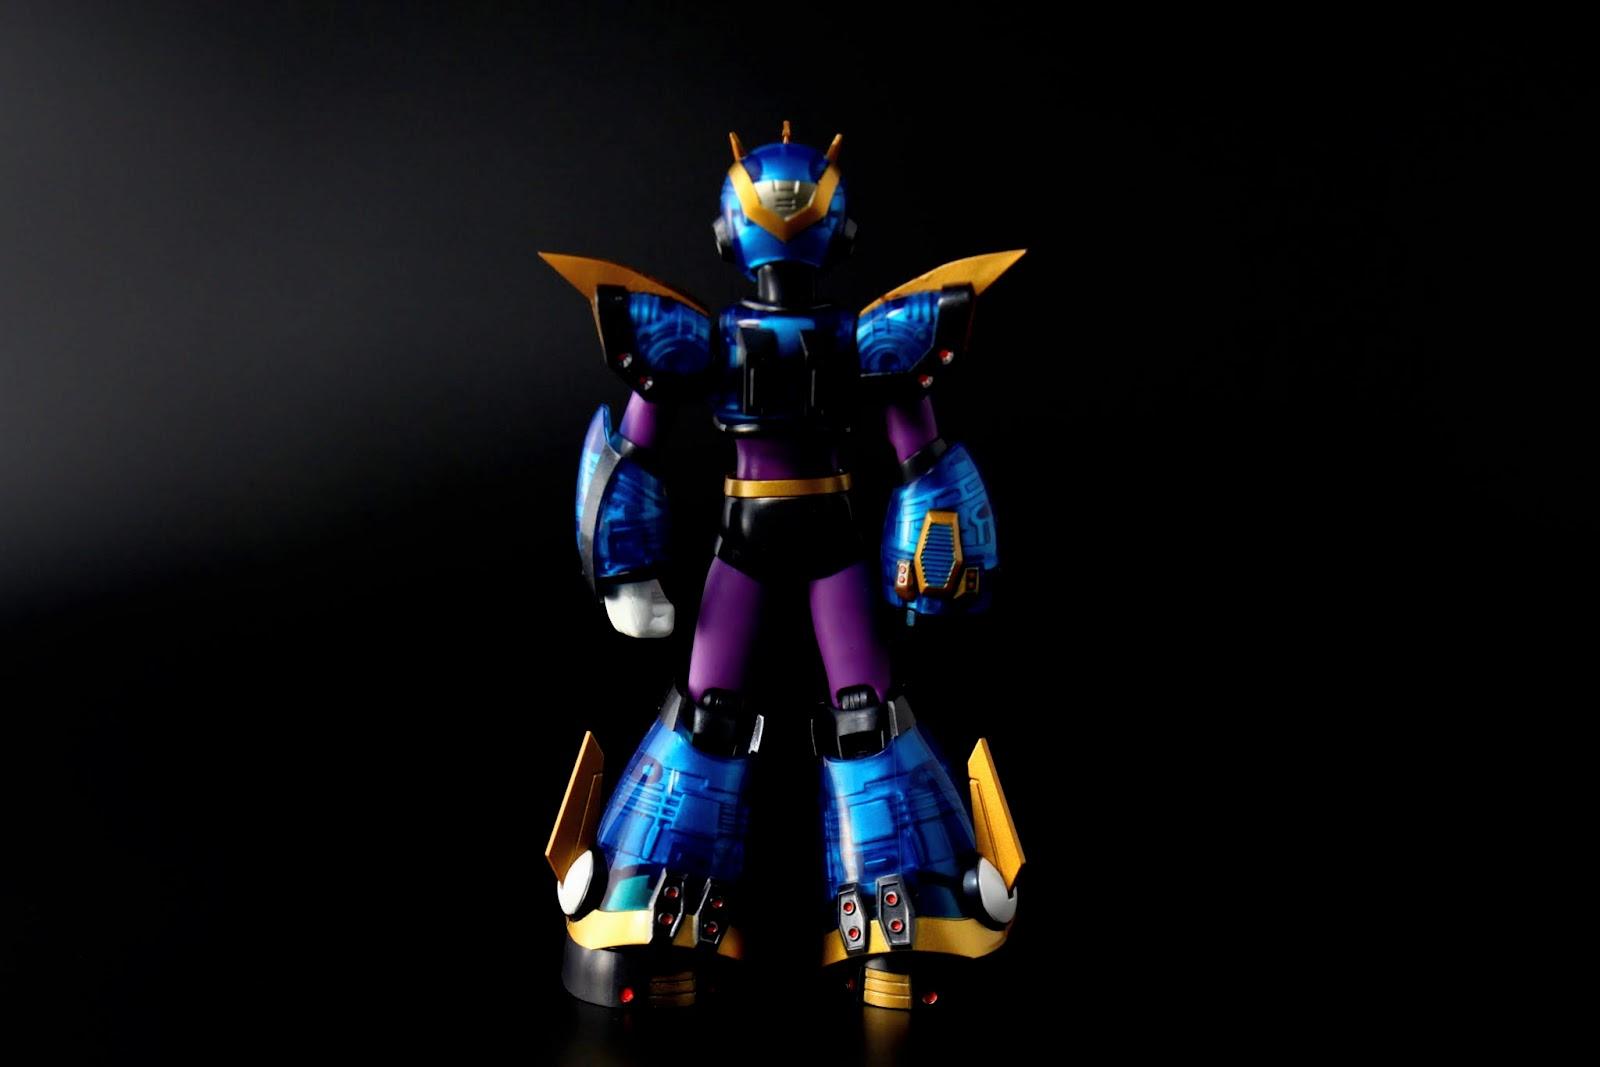 身體是紫色的設定來自於初登場的X4代